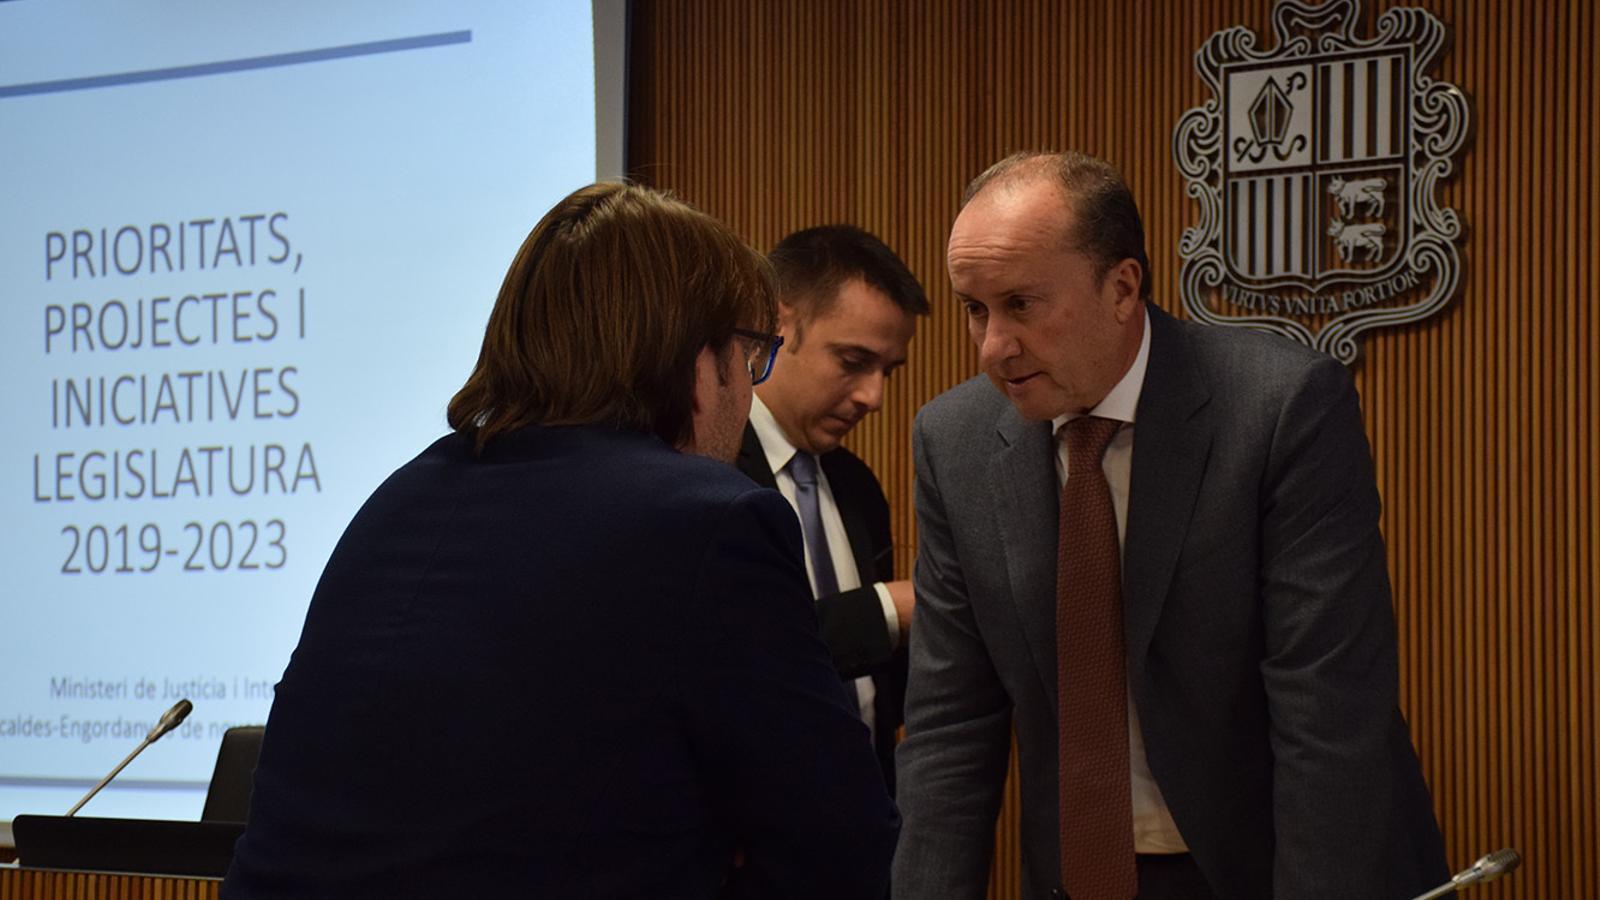 El ministre de Justícia i Interior, Josep Maria Rossell, conversa amb el consell de Ciutadans Compromesos, Carles Naudi, abans de la comissió legislativa. / M. F. (ANA)